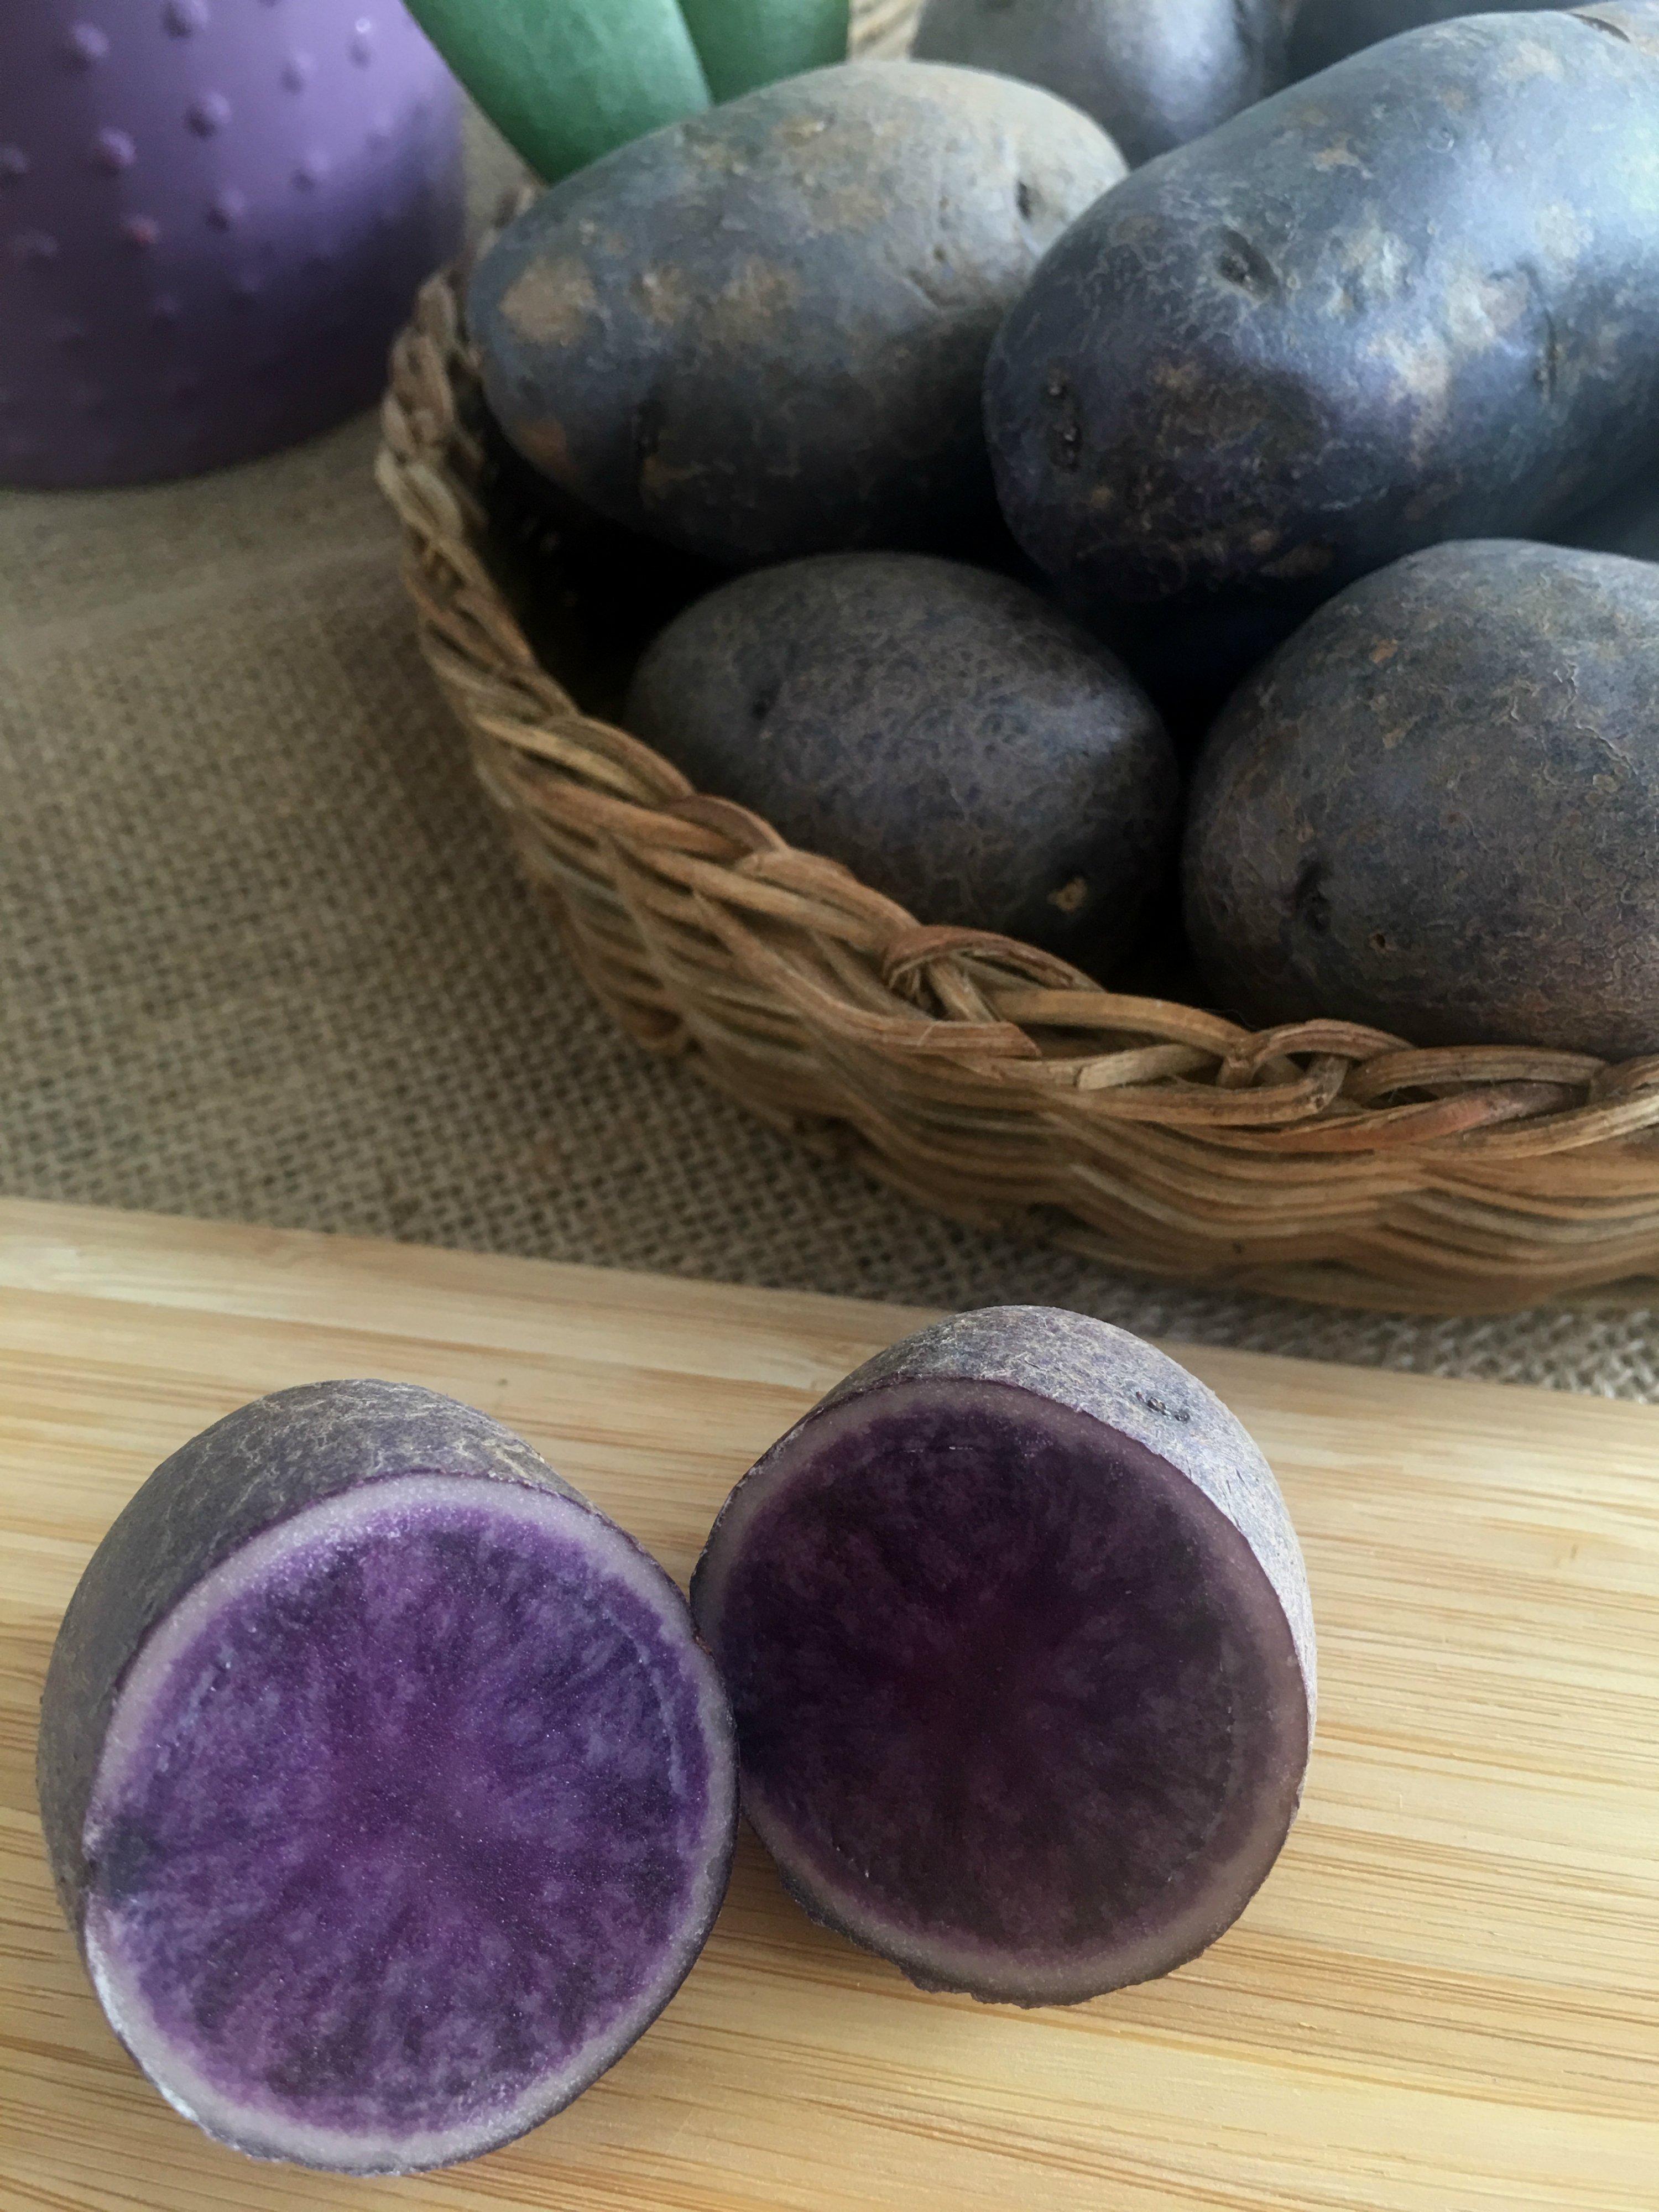 Patata violeta: que es, propiedades y como cocinarla